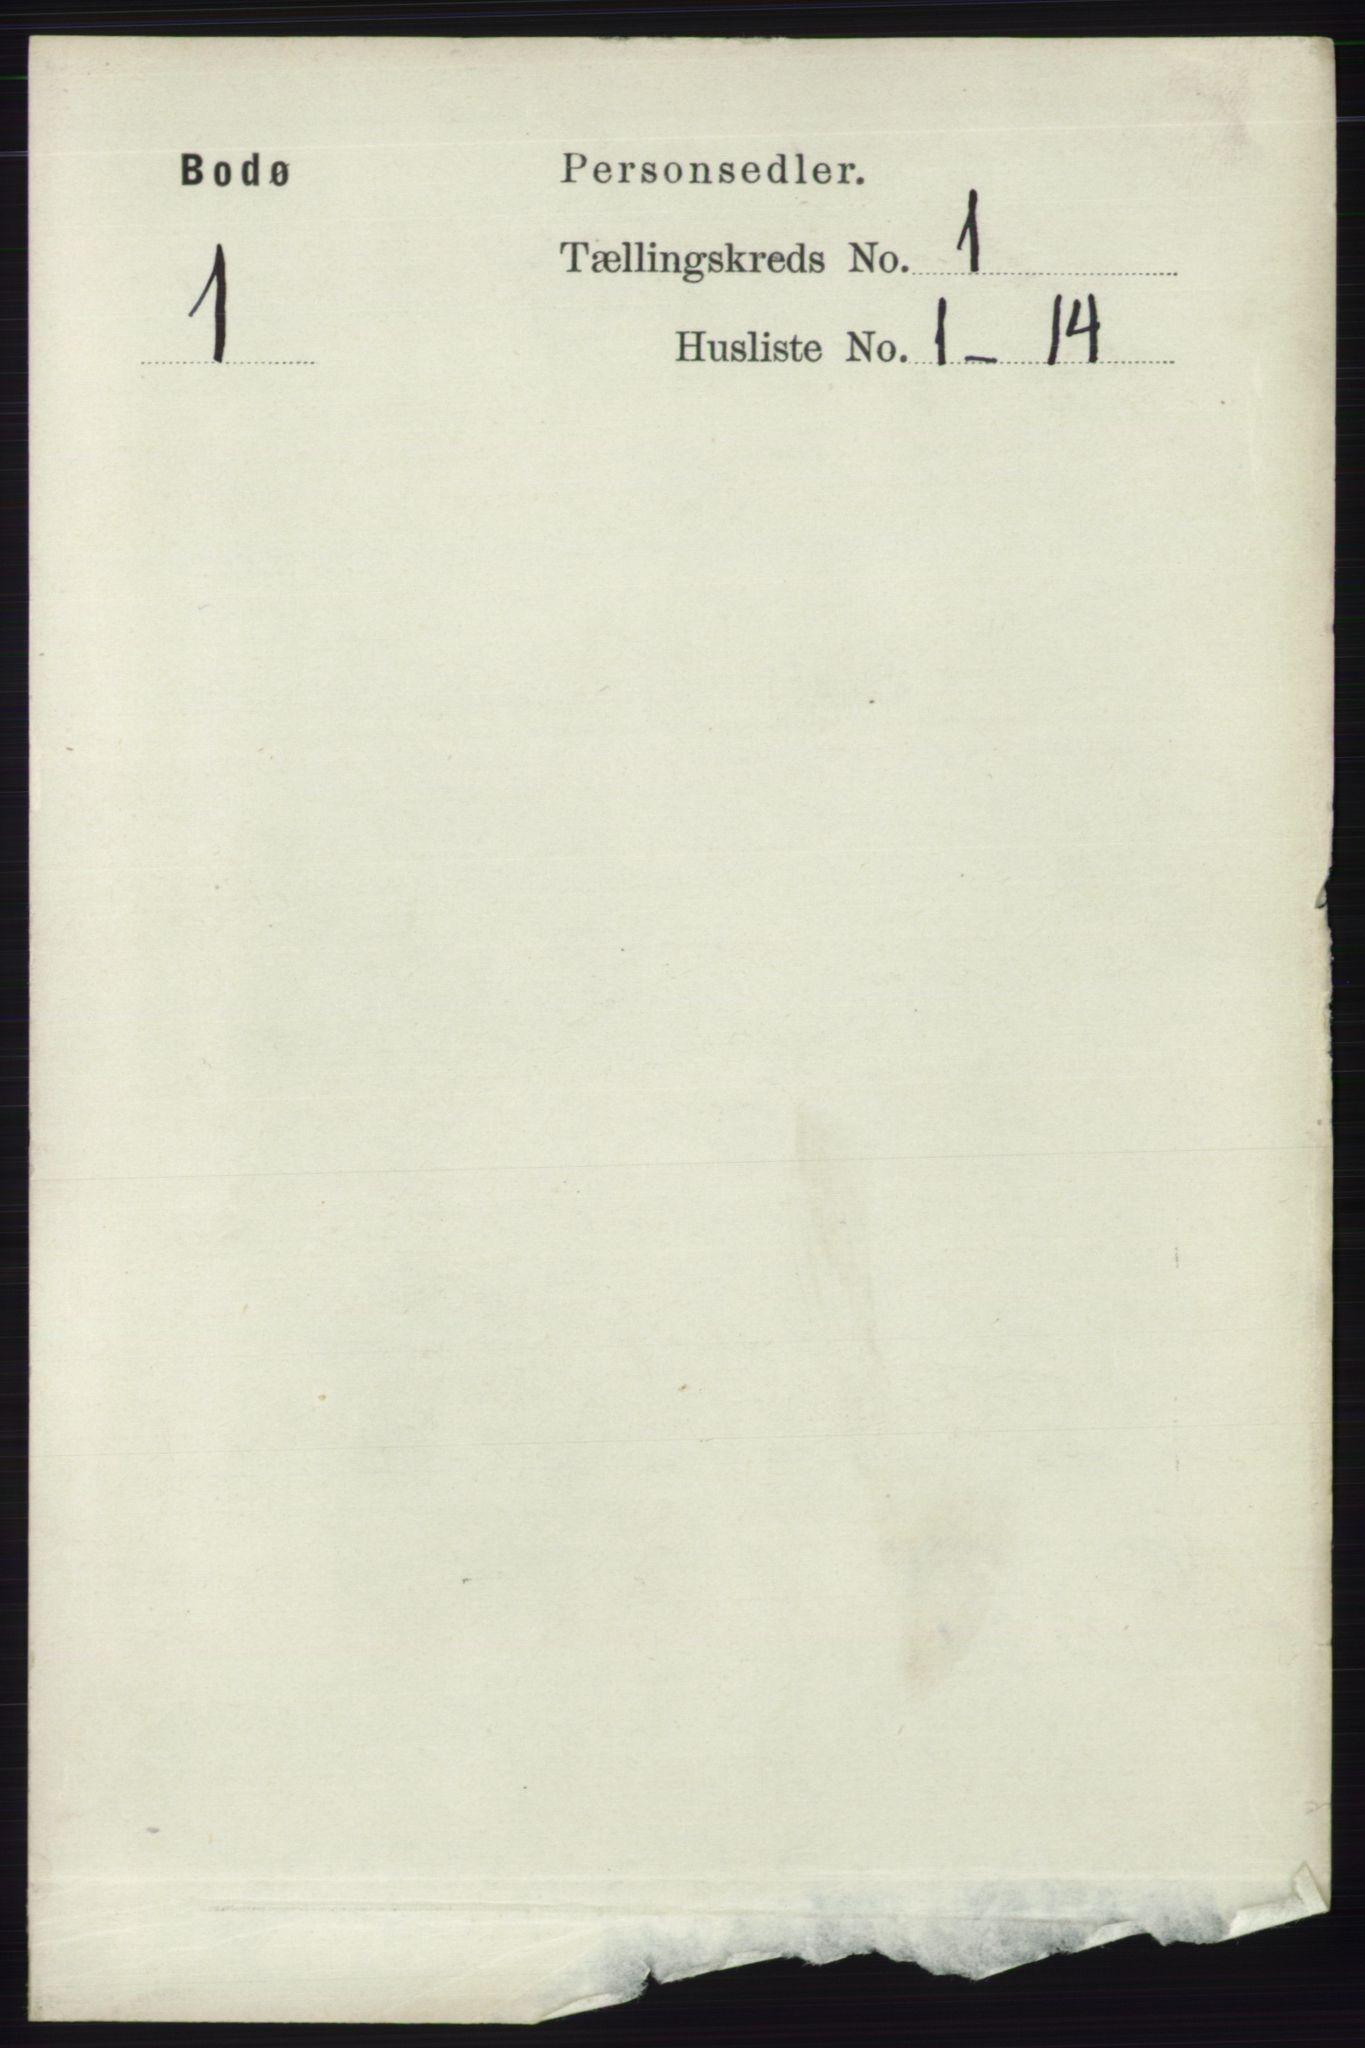 RA, Folketelling 1891 for 1804 Bodø kjøpstad, 1891, s. 128